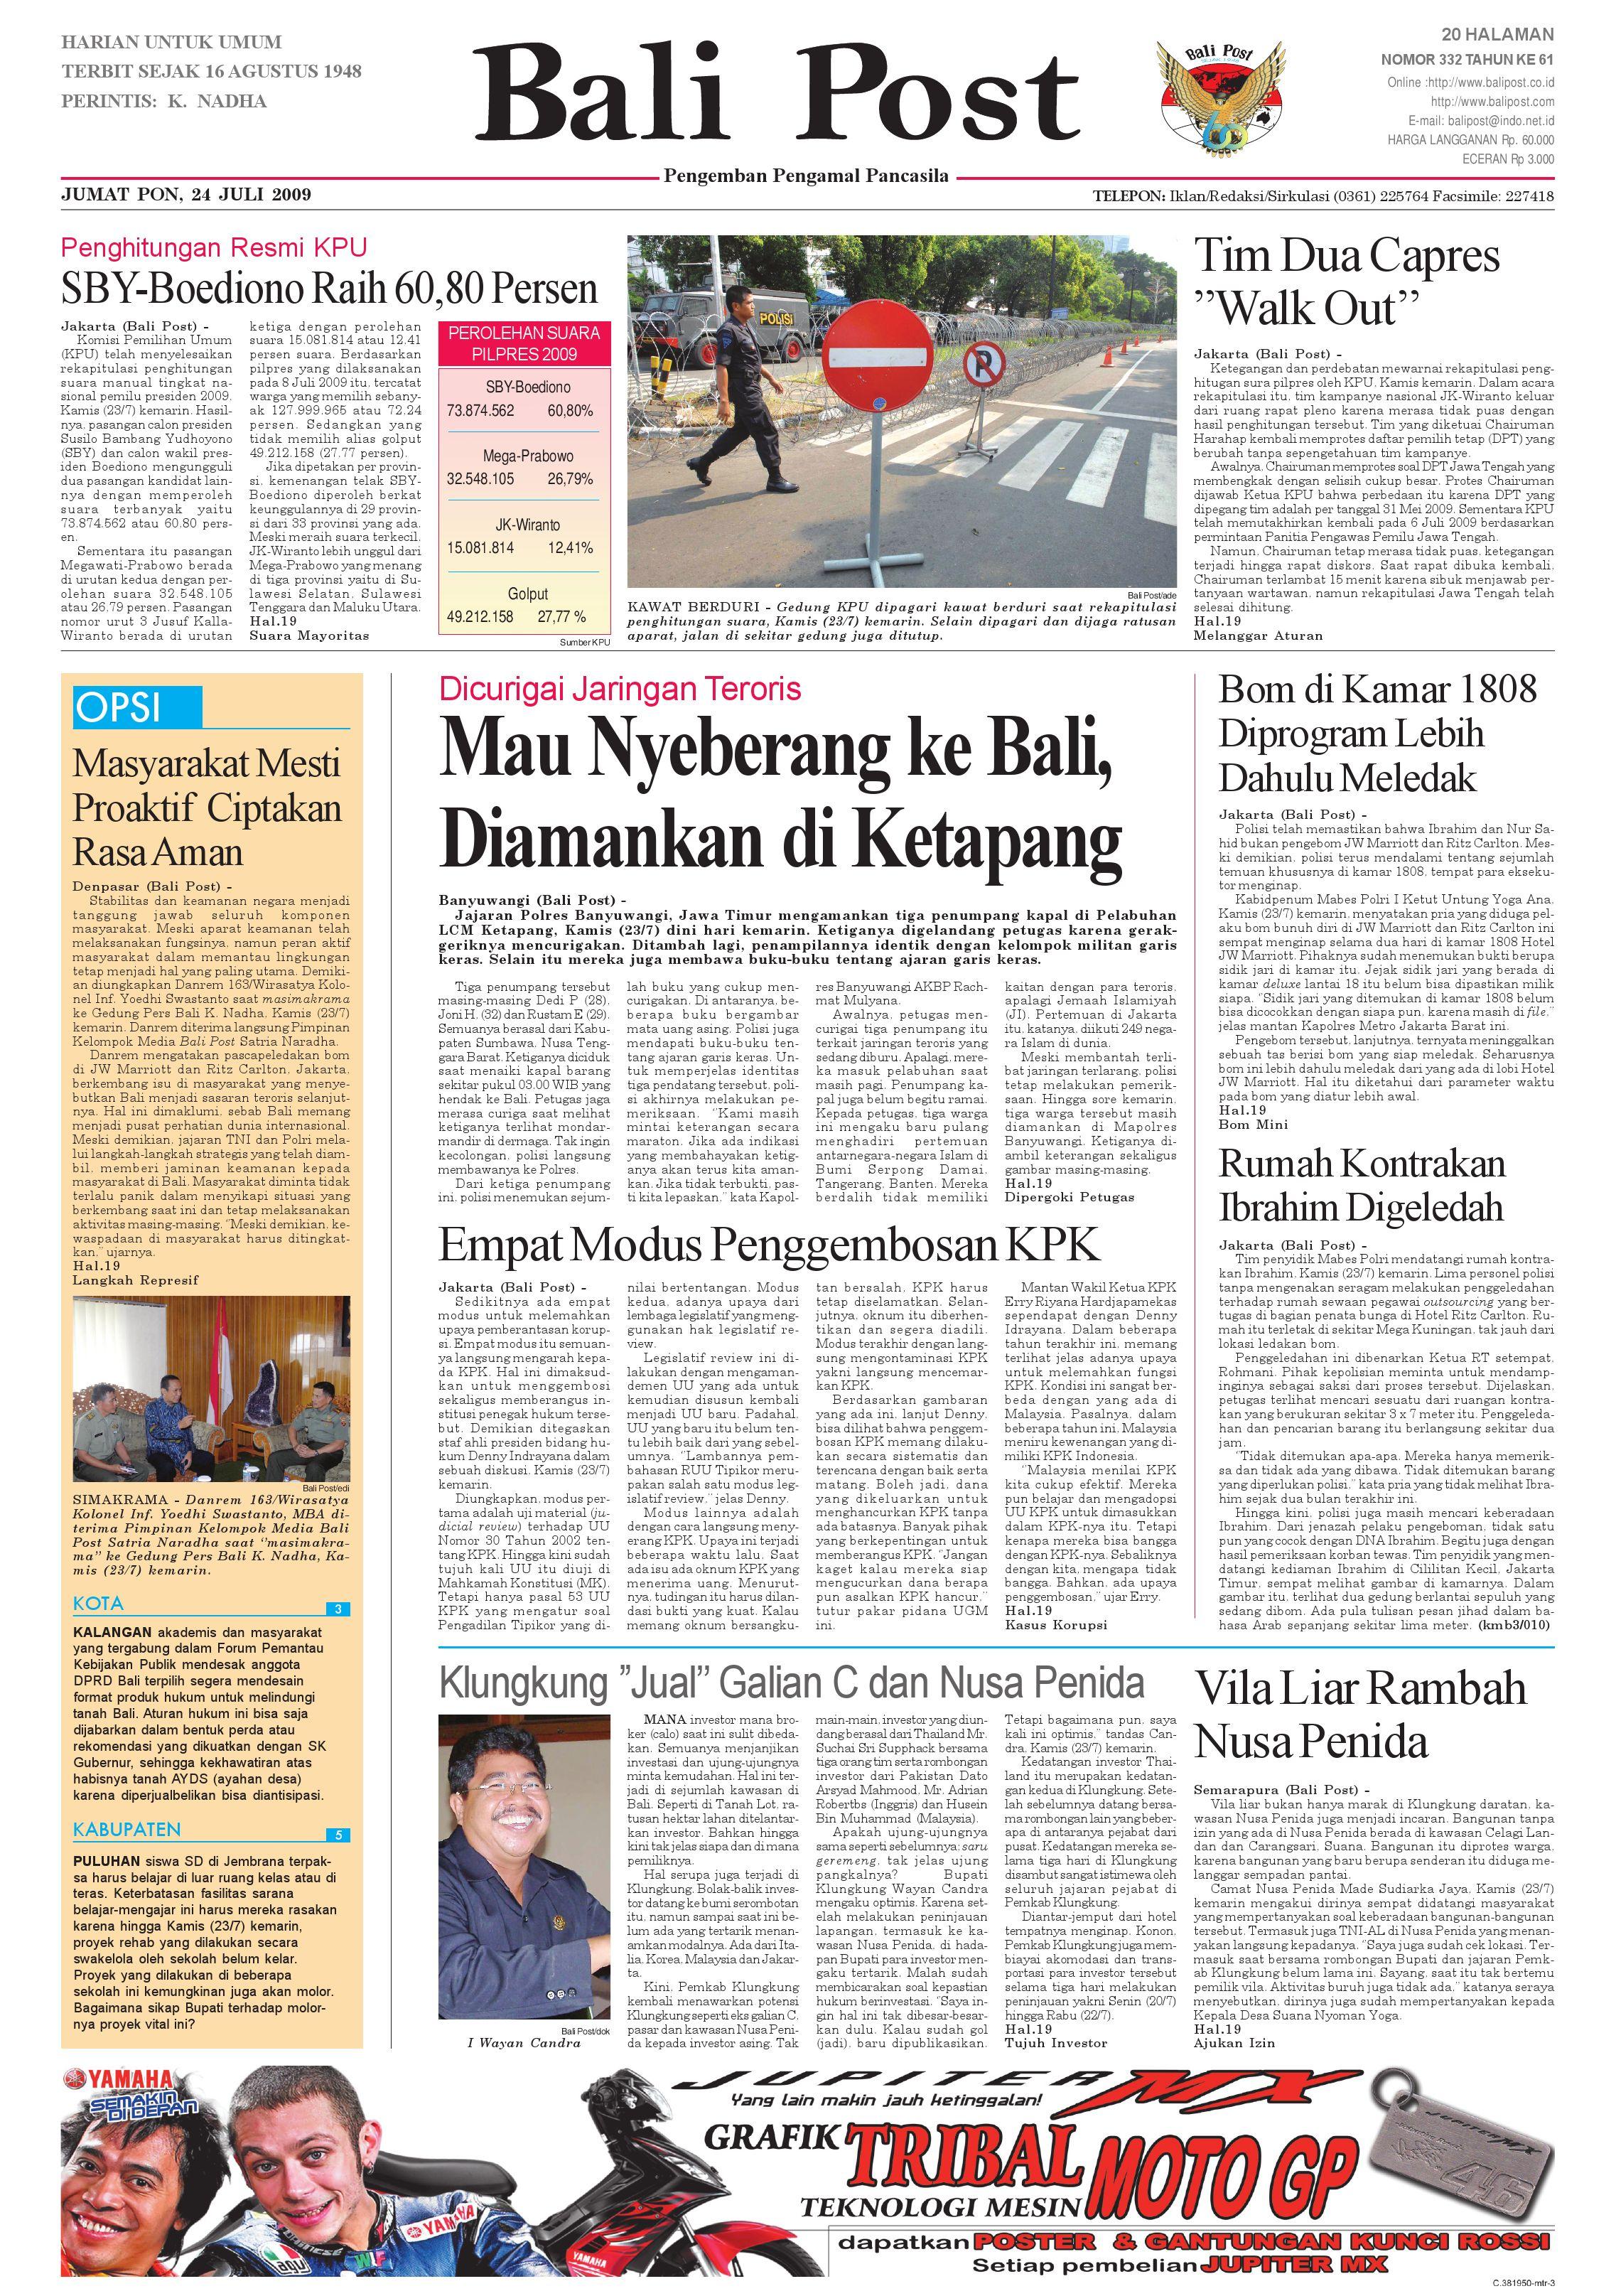 Bali Post Jumat 24 July 2009 By E Paper Kmb Issuu Keripik Tahu Alip Bintang Terang Pgp